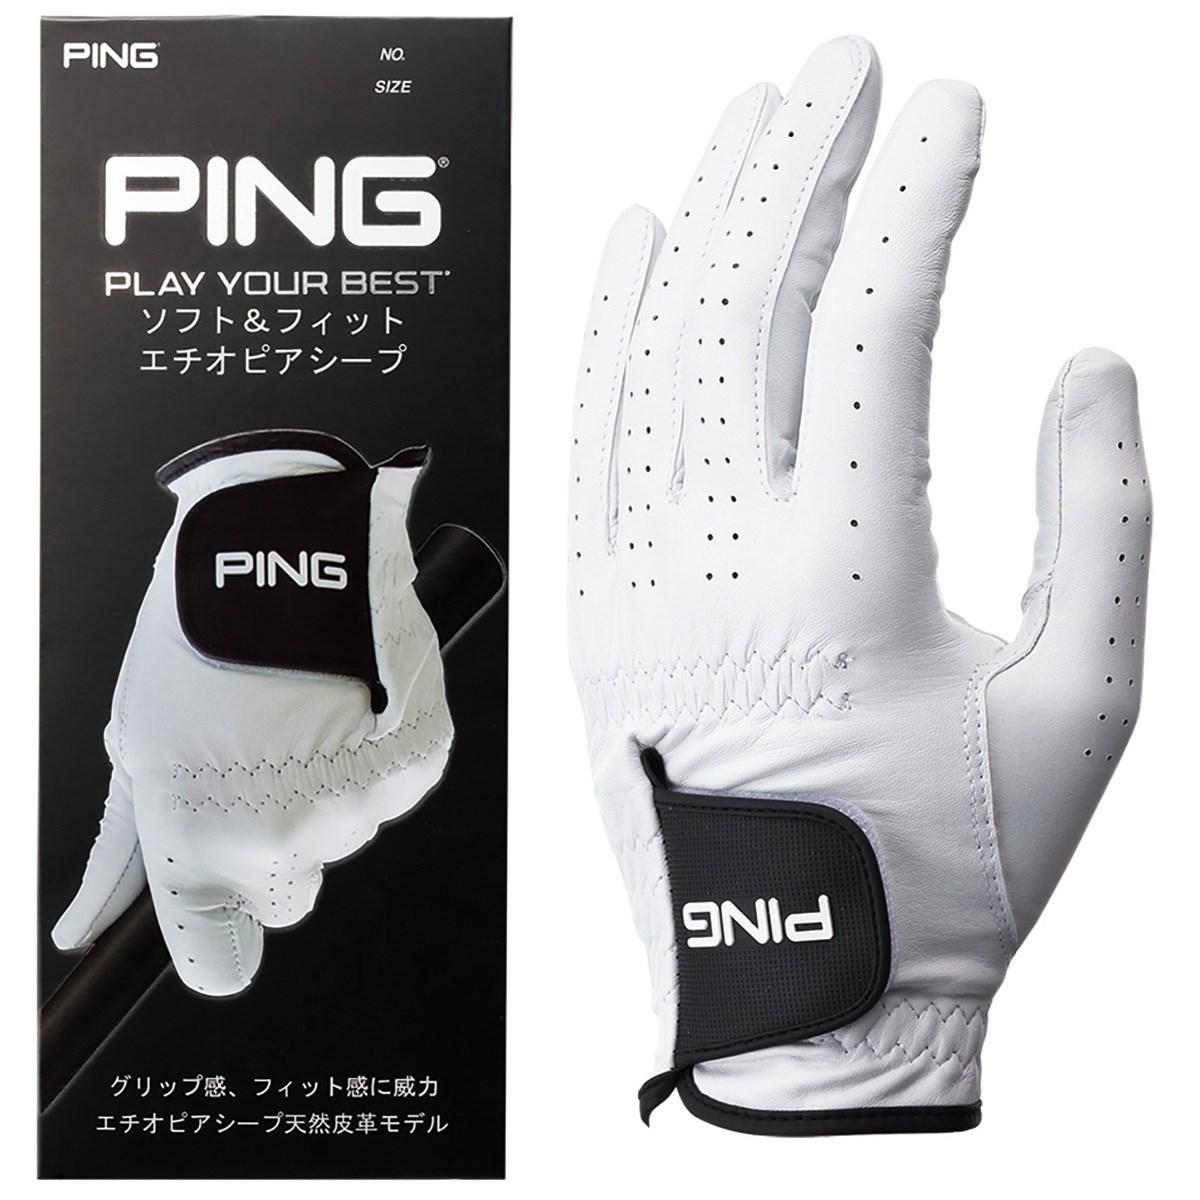 ピン PING 天然皮革グローブ 24cm 左手着用(右利き用) ホワイト